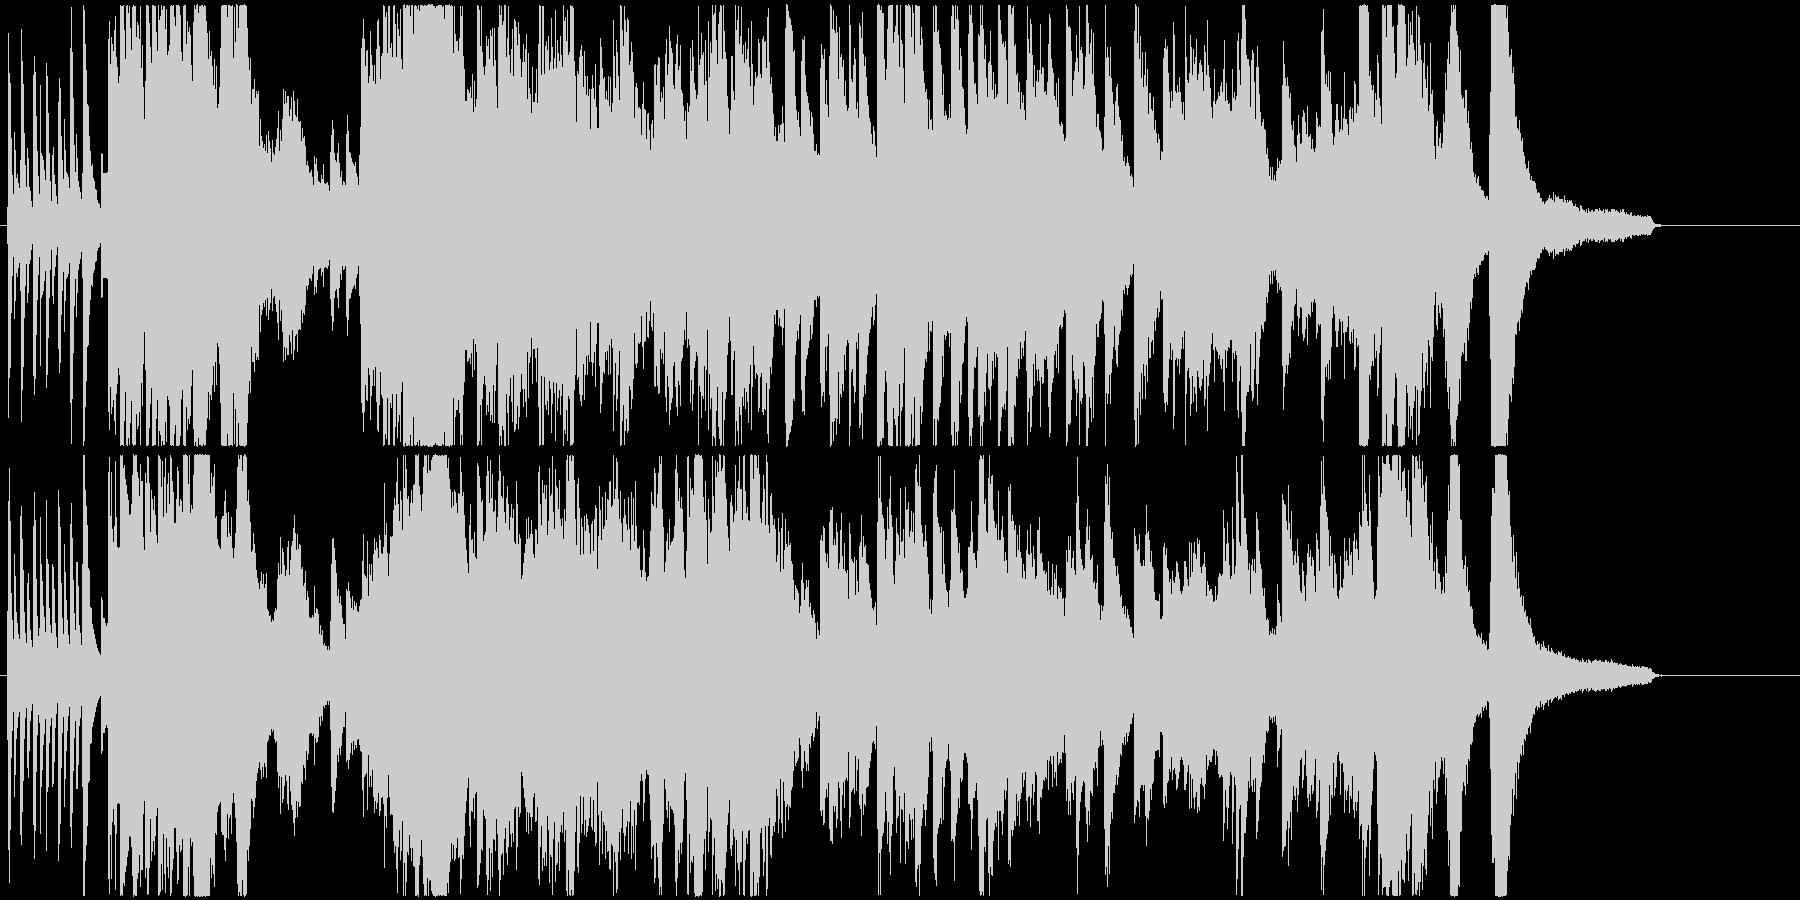 幻想的な高速ピアノソロ曲ですの未再生の波形